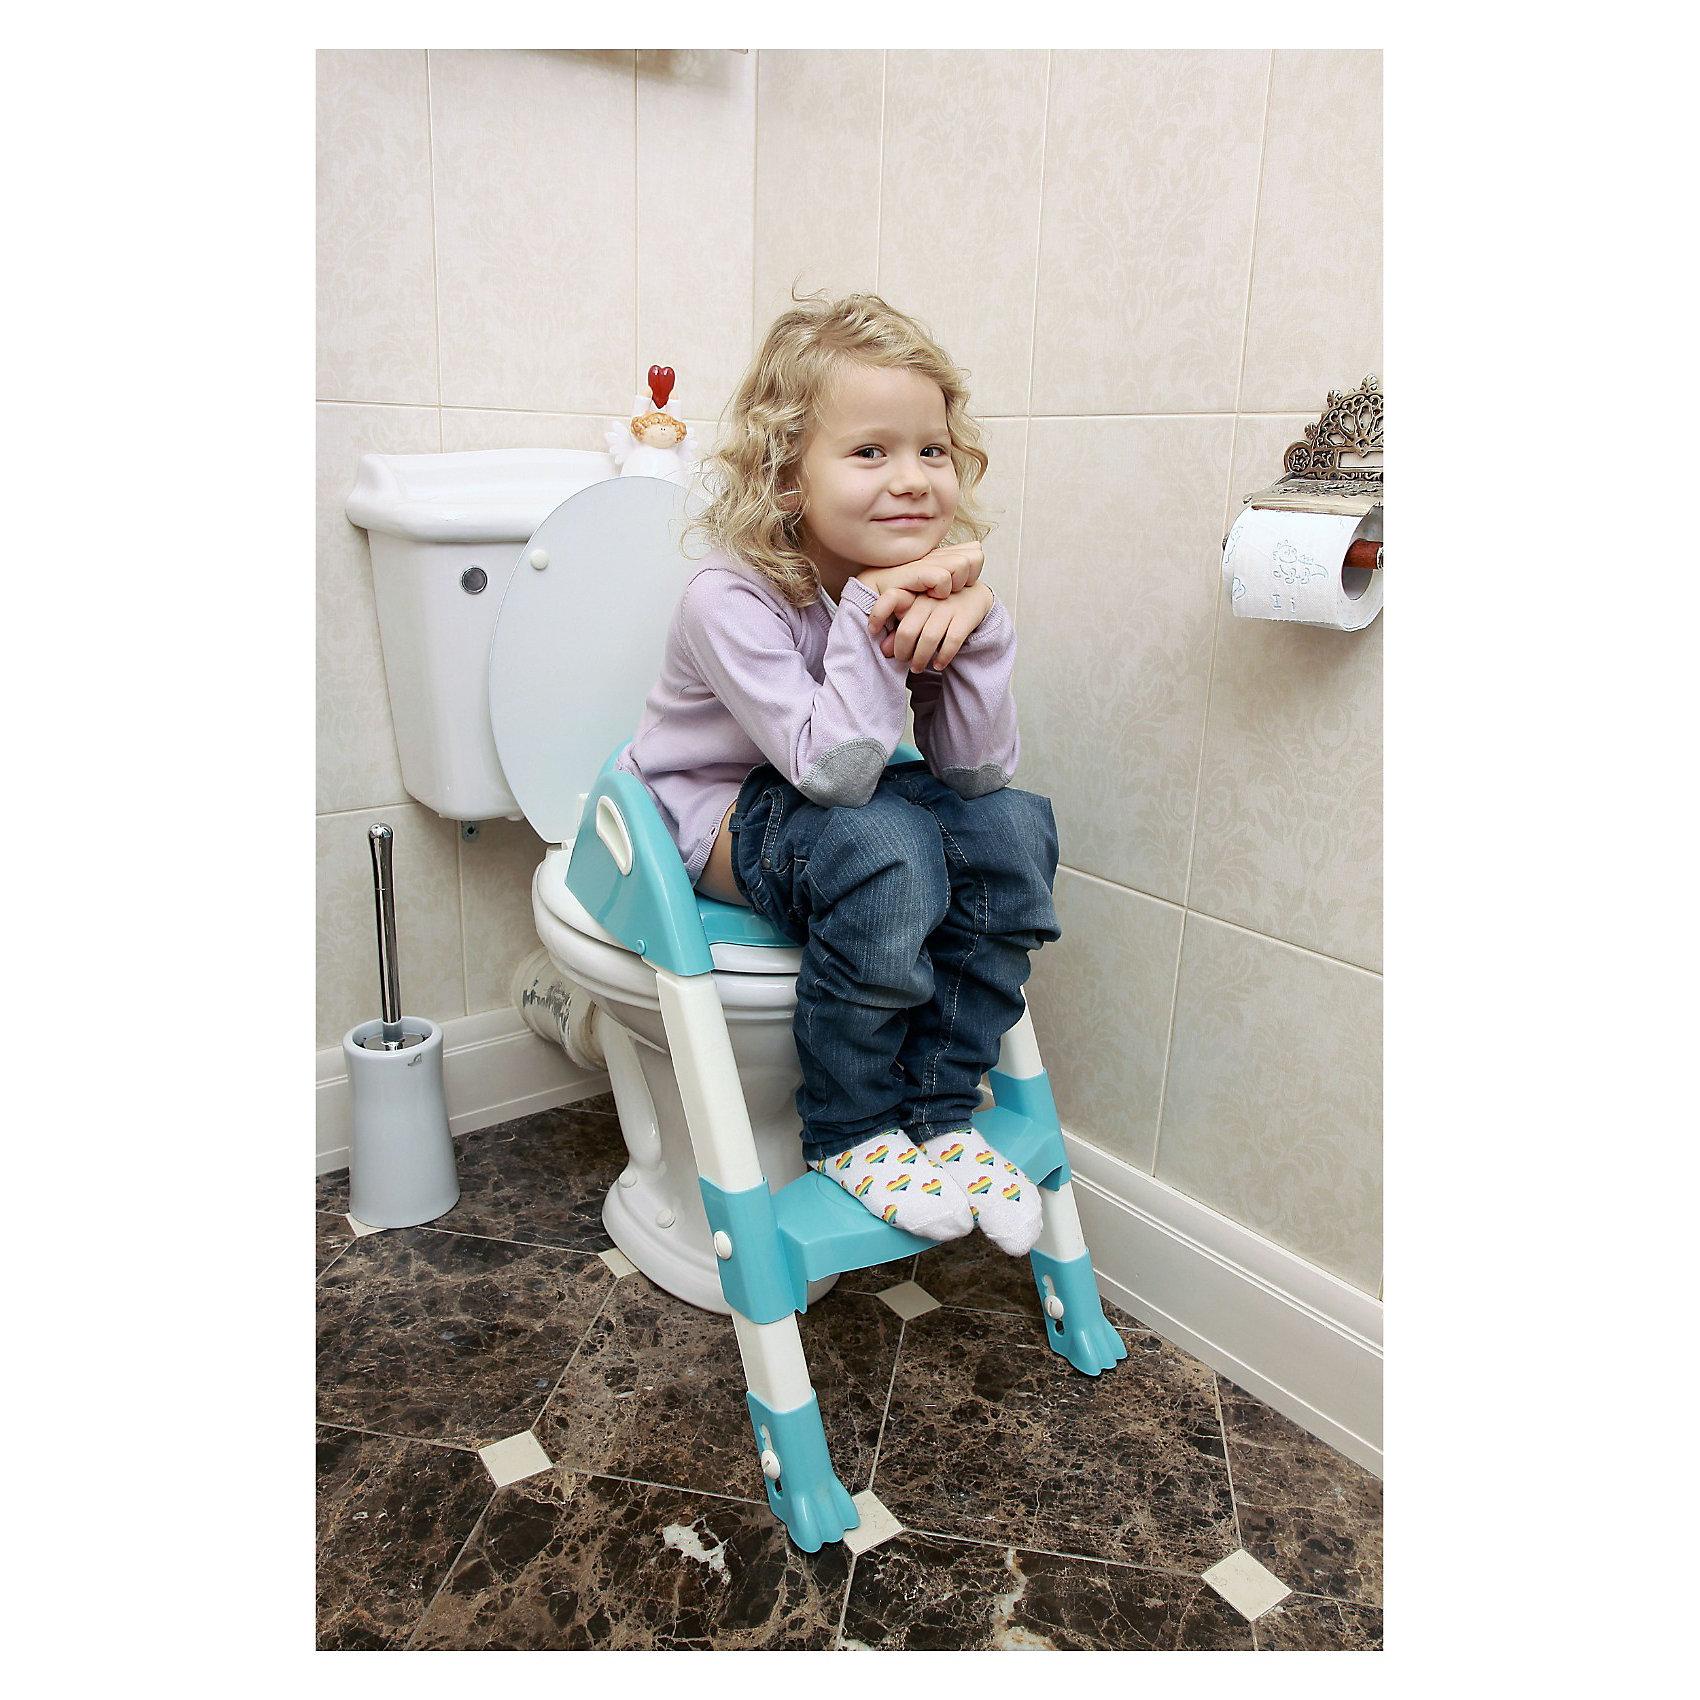 Насадка на унитаз со ступенькой ROXY-KIDS, голубойГоршки, сиденья для унитаза, стульчики-подставки<br>Насадка на унитаз со ступенькой ROXY-KIDS (РОКСИ-КИДС) - это удобное устройство специально для детей от двух лет. <br><br>Благодаря ему ребенок легко отучится от горшка и быстро научится пользоваться туалетом самостоятельно.<br><br>Особенности:<br>-Ступенька с антискользящим покрытием и со специальными ручками, что позволит малышу пользоваться туалетом с максимальным удобством и безопасностью<br>-Легко собирается и разбирается для транспортировки                                                           <br>-Ножка насадки также оснащена надежными антискользящими креплениями для дополнительной устойчивости<br><br>Дополнительная информация:<br><br>-Размер: 59х37х23 см<br>-Материал: высококачественный пластик<br><br>Насадка на унитаз понравится тем деткам, которые хотят, подражая взрослым, самостоятельно ходить в туалет. Удобная насадка на унитаз и ступенька позволят малышам отказаться от детского горшка и почувствовать себя старше и взрослее.<br><br>Насадку на унитаз со ступенькой ROXY-KIDS (РОКСИ-КИДС) можно купить в нашем магазине.<br><br>Ширина мм: 440<br>Глубина мм: 620<br>Высота мм: 375<br>Вес г: 700<br>Возраст от месяцев: 24<br>Возраст до месяцев: 60<br>Пол: Унисекс<br>Возраст: Детский<br>SKU: 3503621